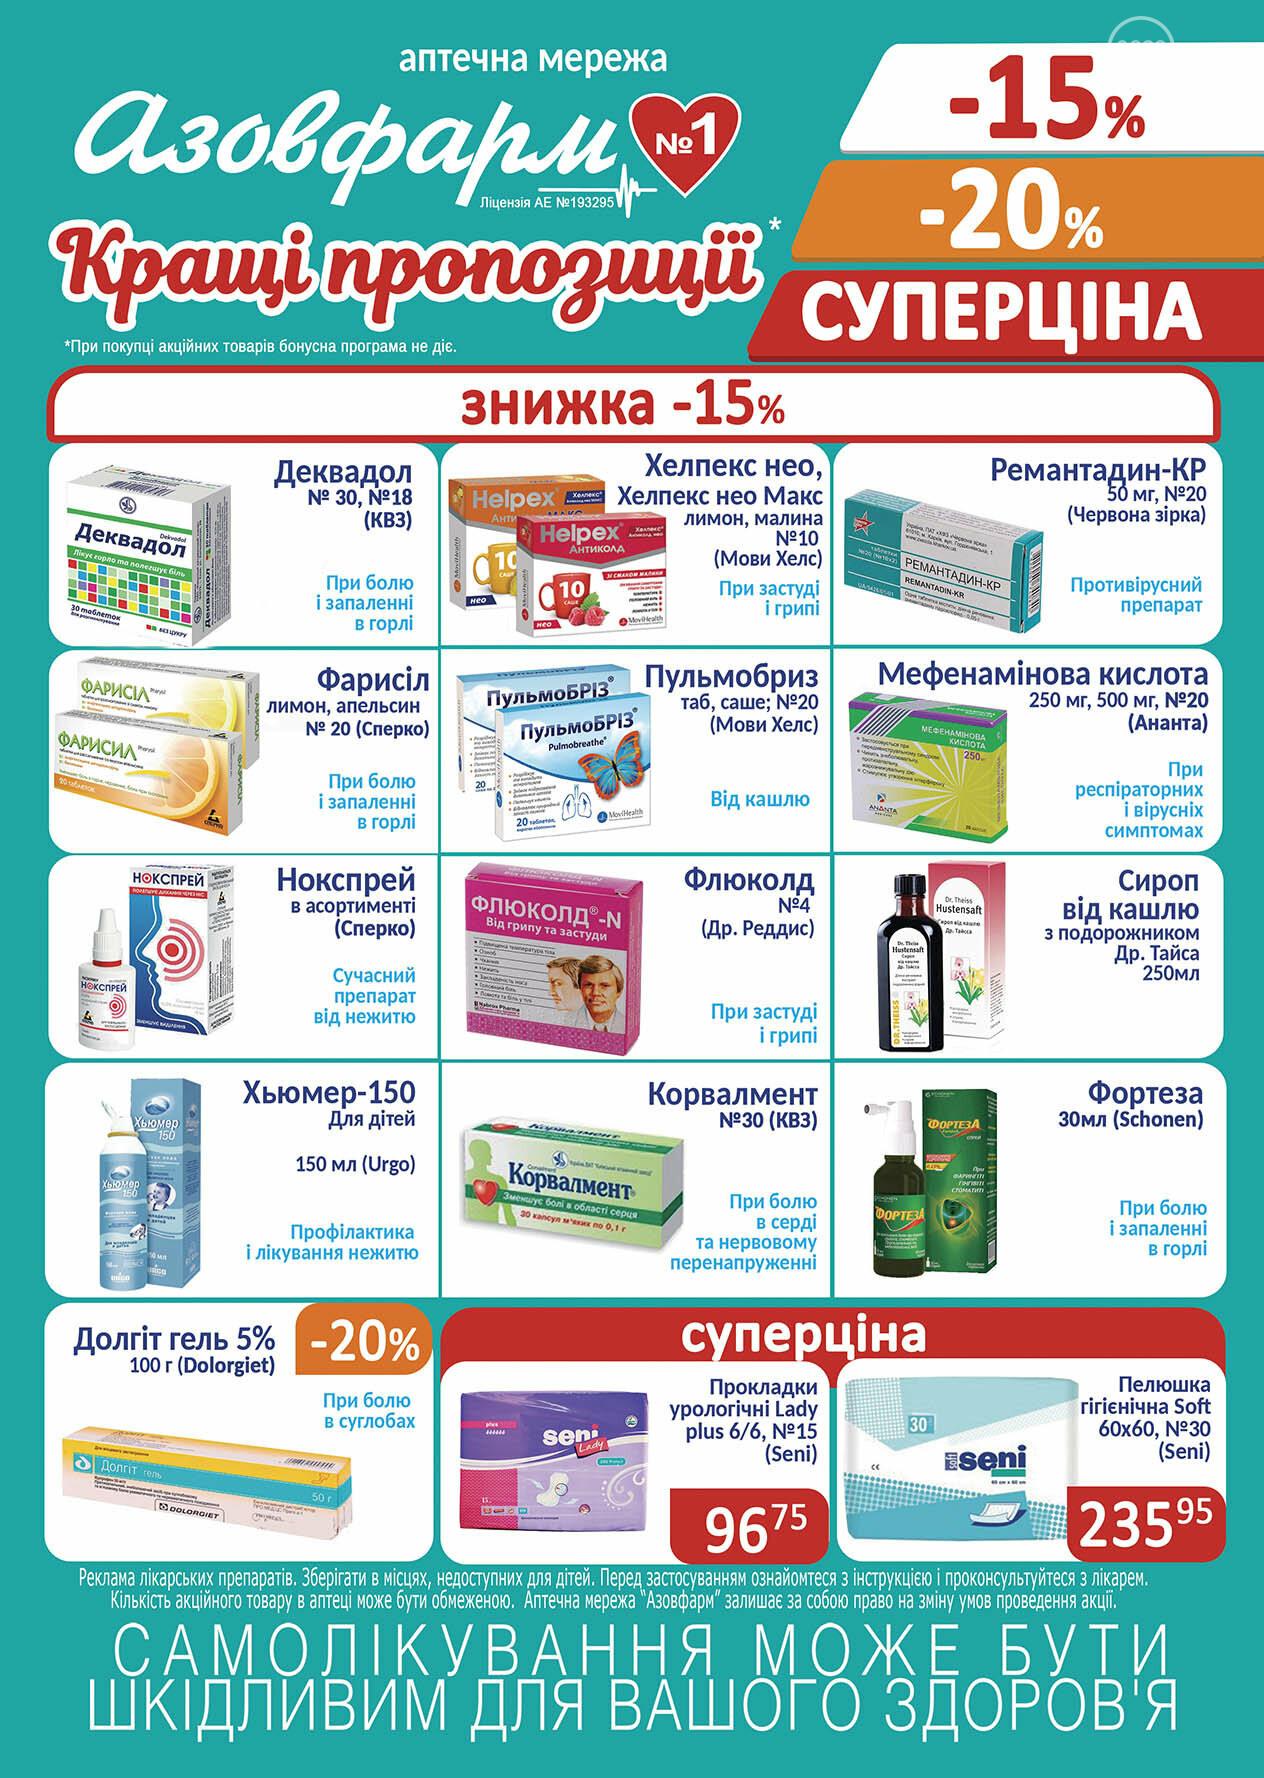 """В аптеках """"Азовфарм"""" -  скидки - 15%, - 20% и специальные ценовые предложения на лекарства для лечения гриппа и ОРВИ, сезонные медикаменты,..., фото-1"""